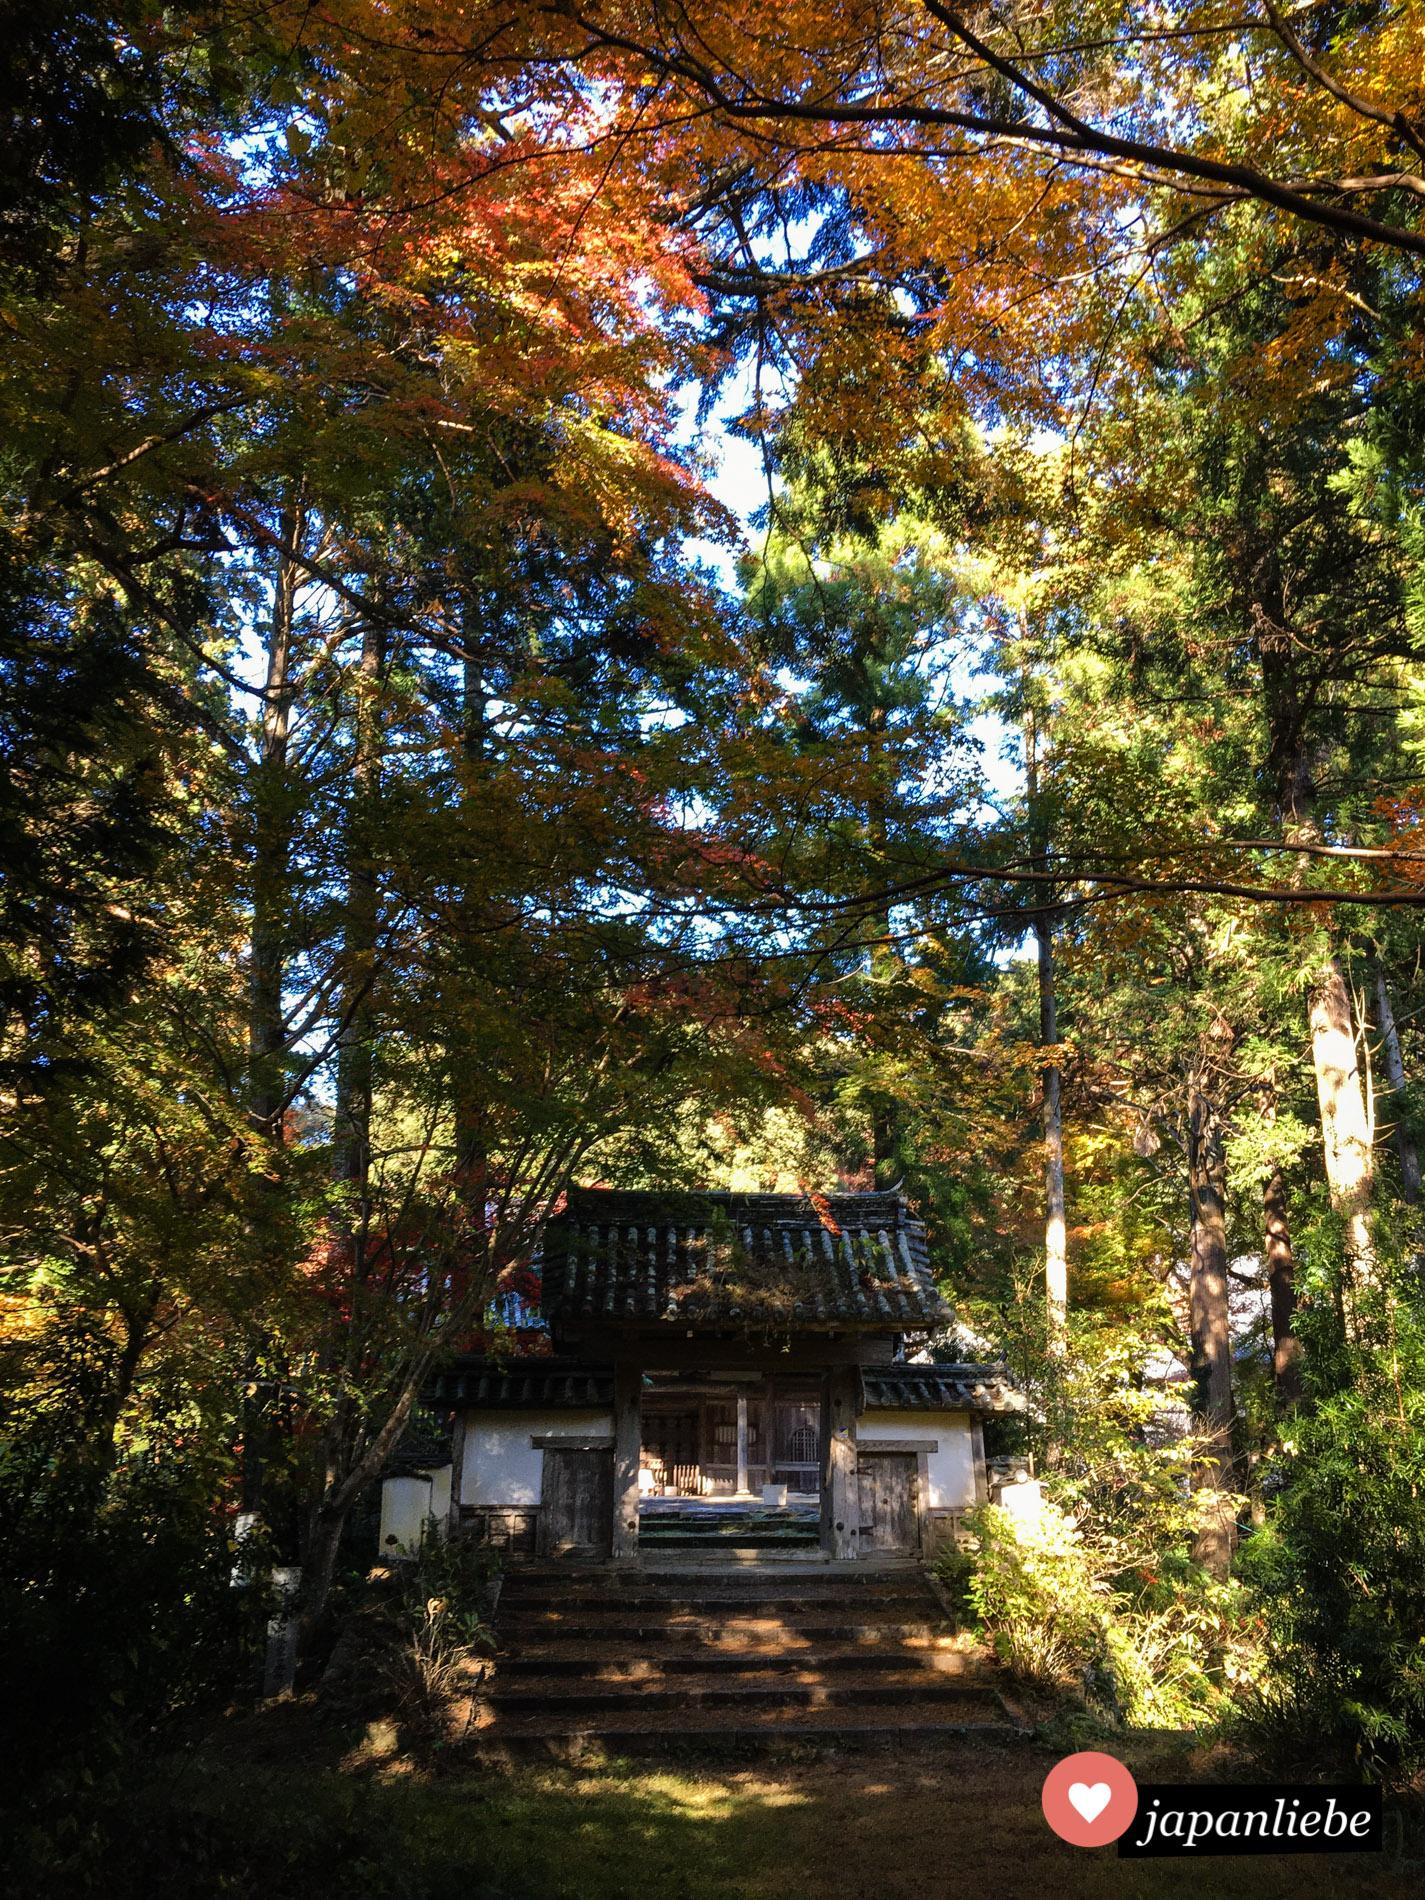 Der Aufstieg zum Nyoho-ji Tempel in Ozu ist bei Sonnenschein und Herbstlaub wirklich magisch.